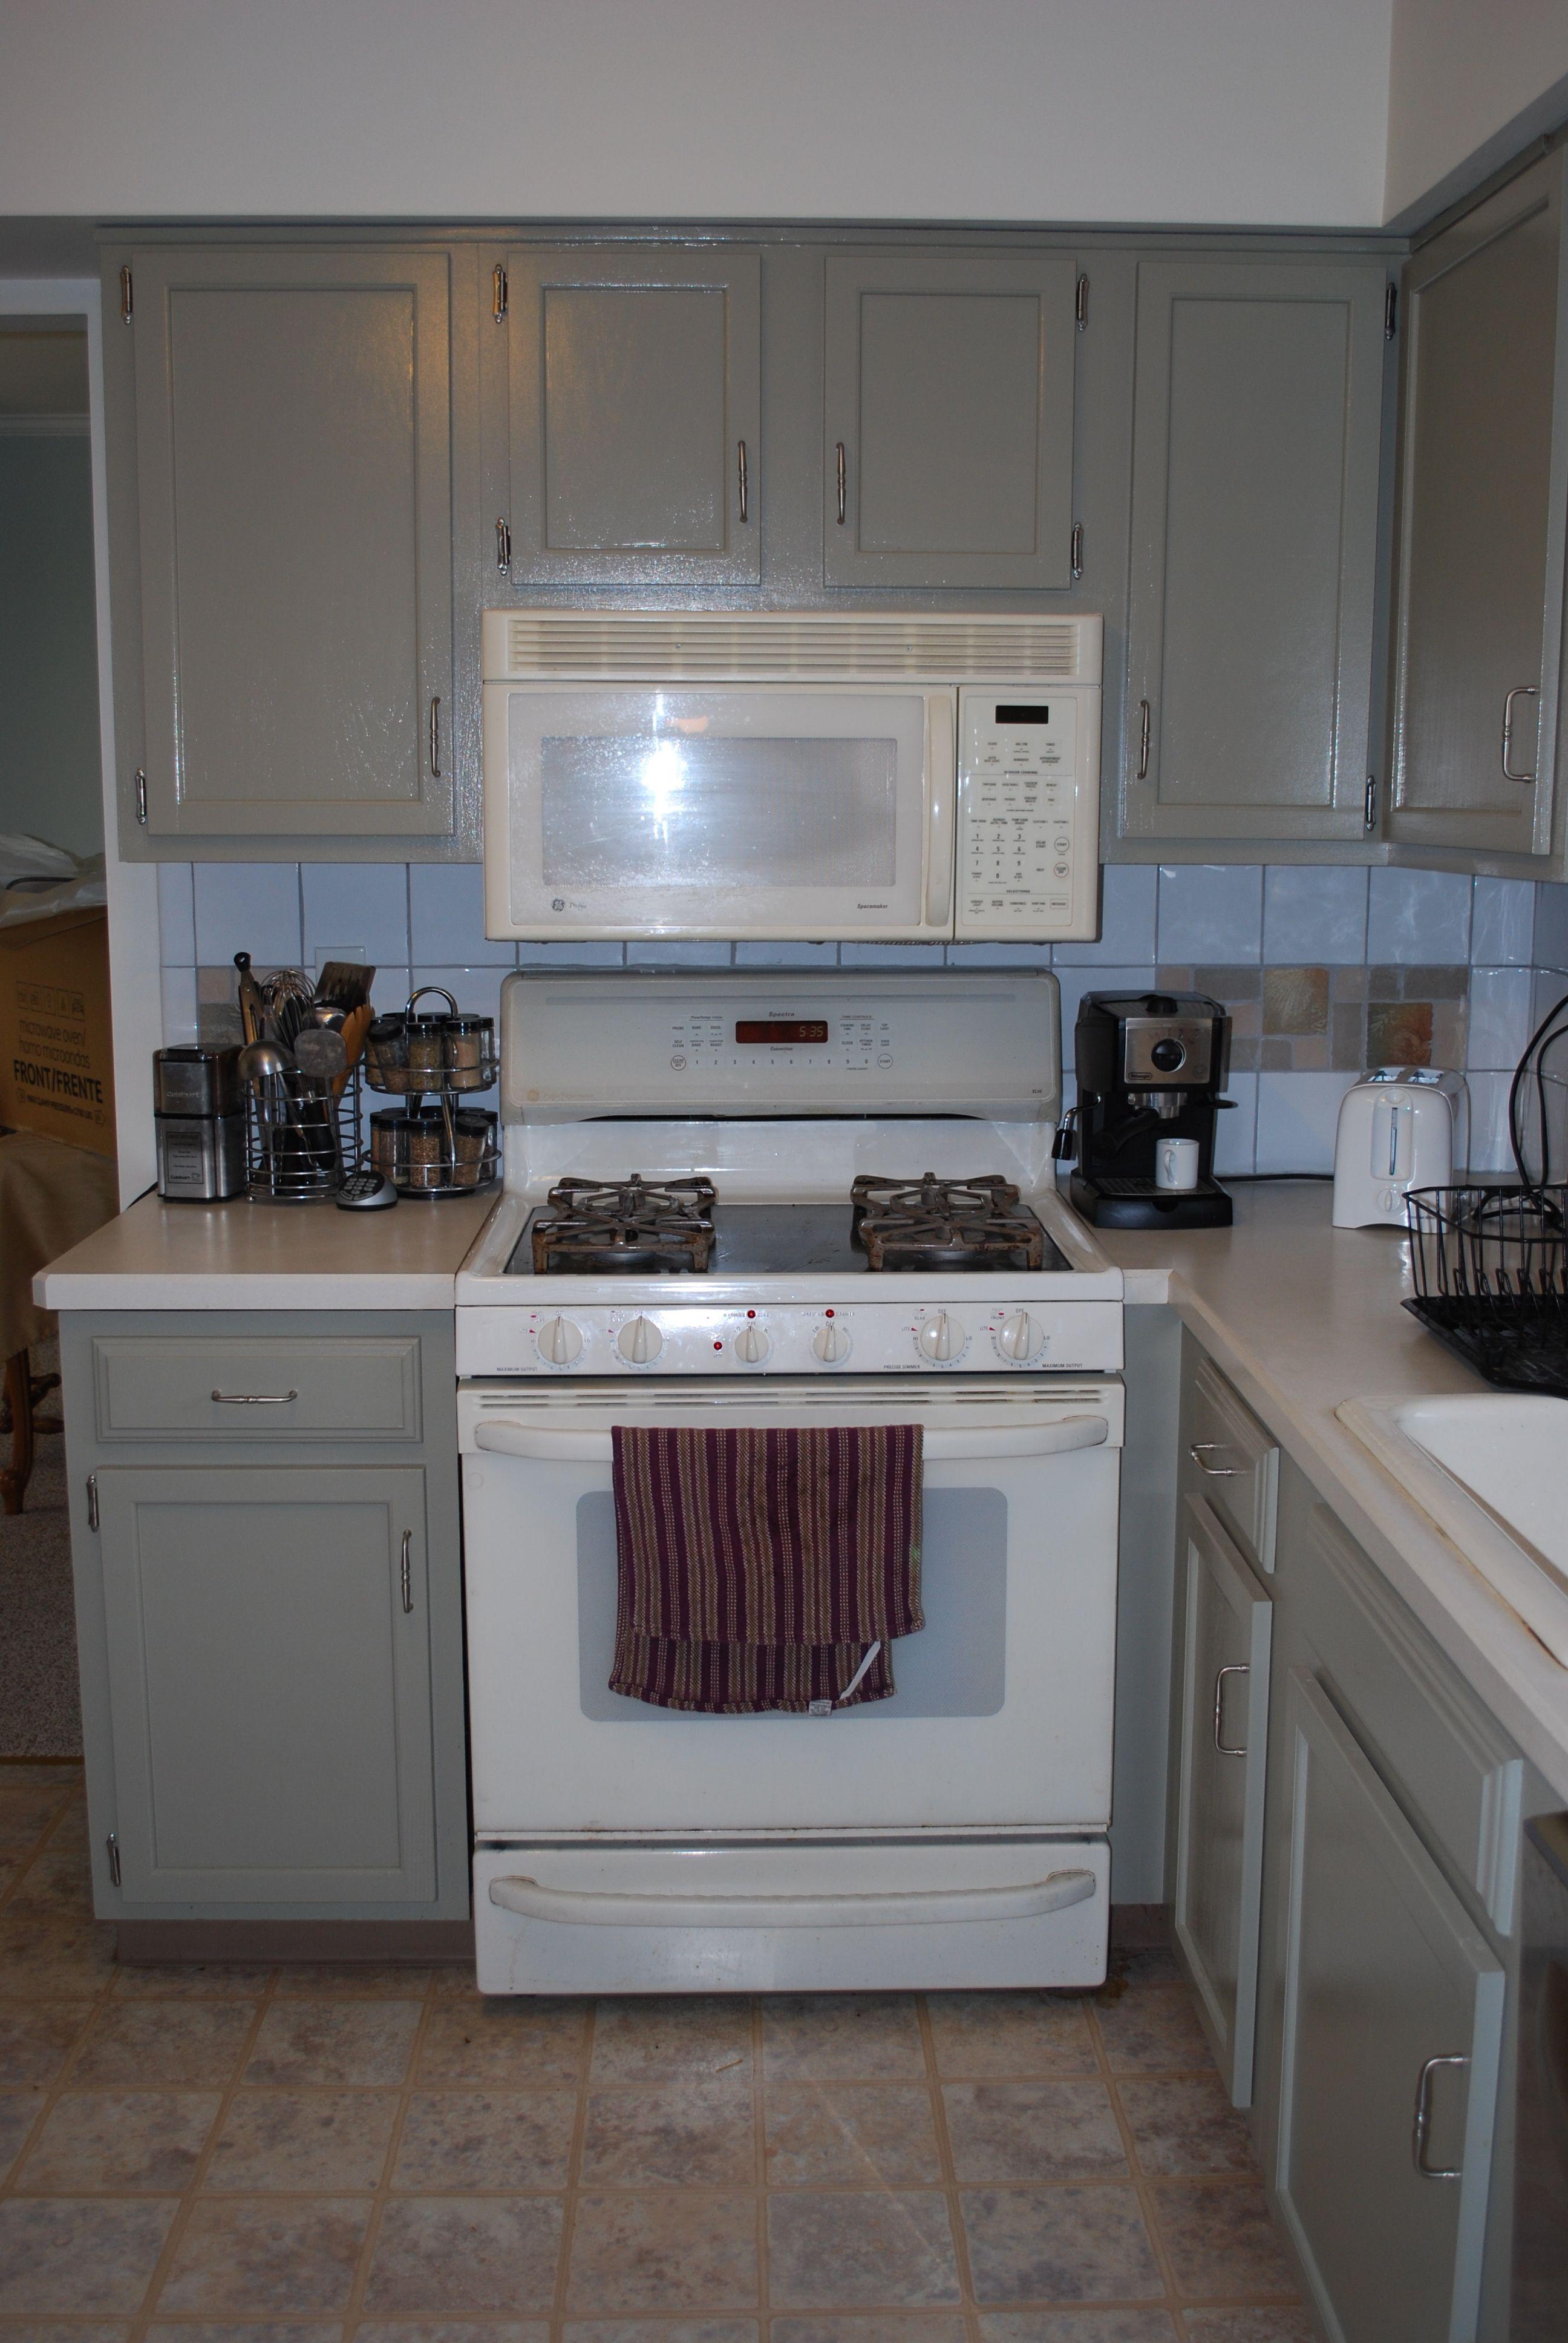 New microwave! | Kitchen, Kitchen remodel, Kitchen appliances